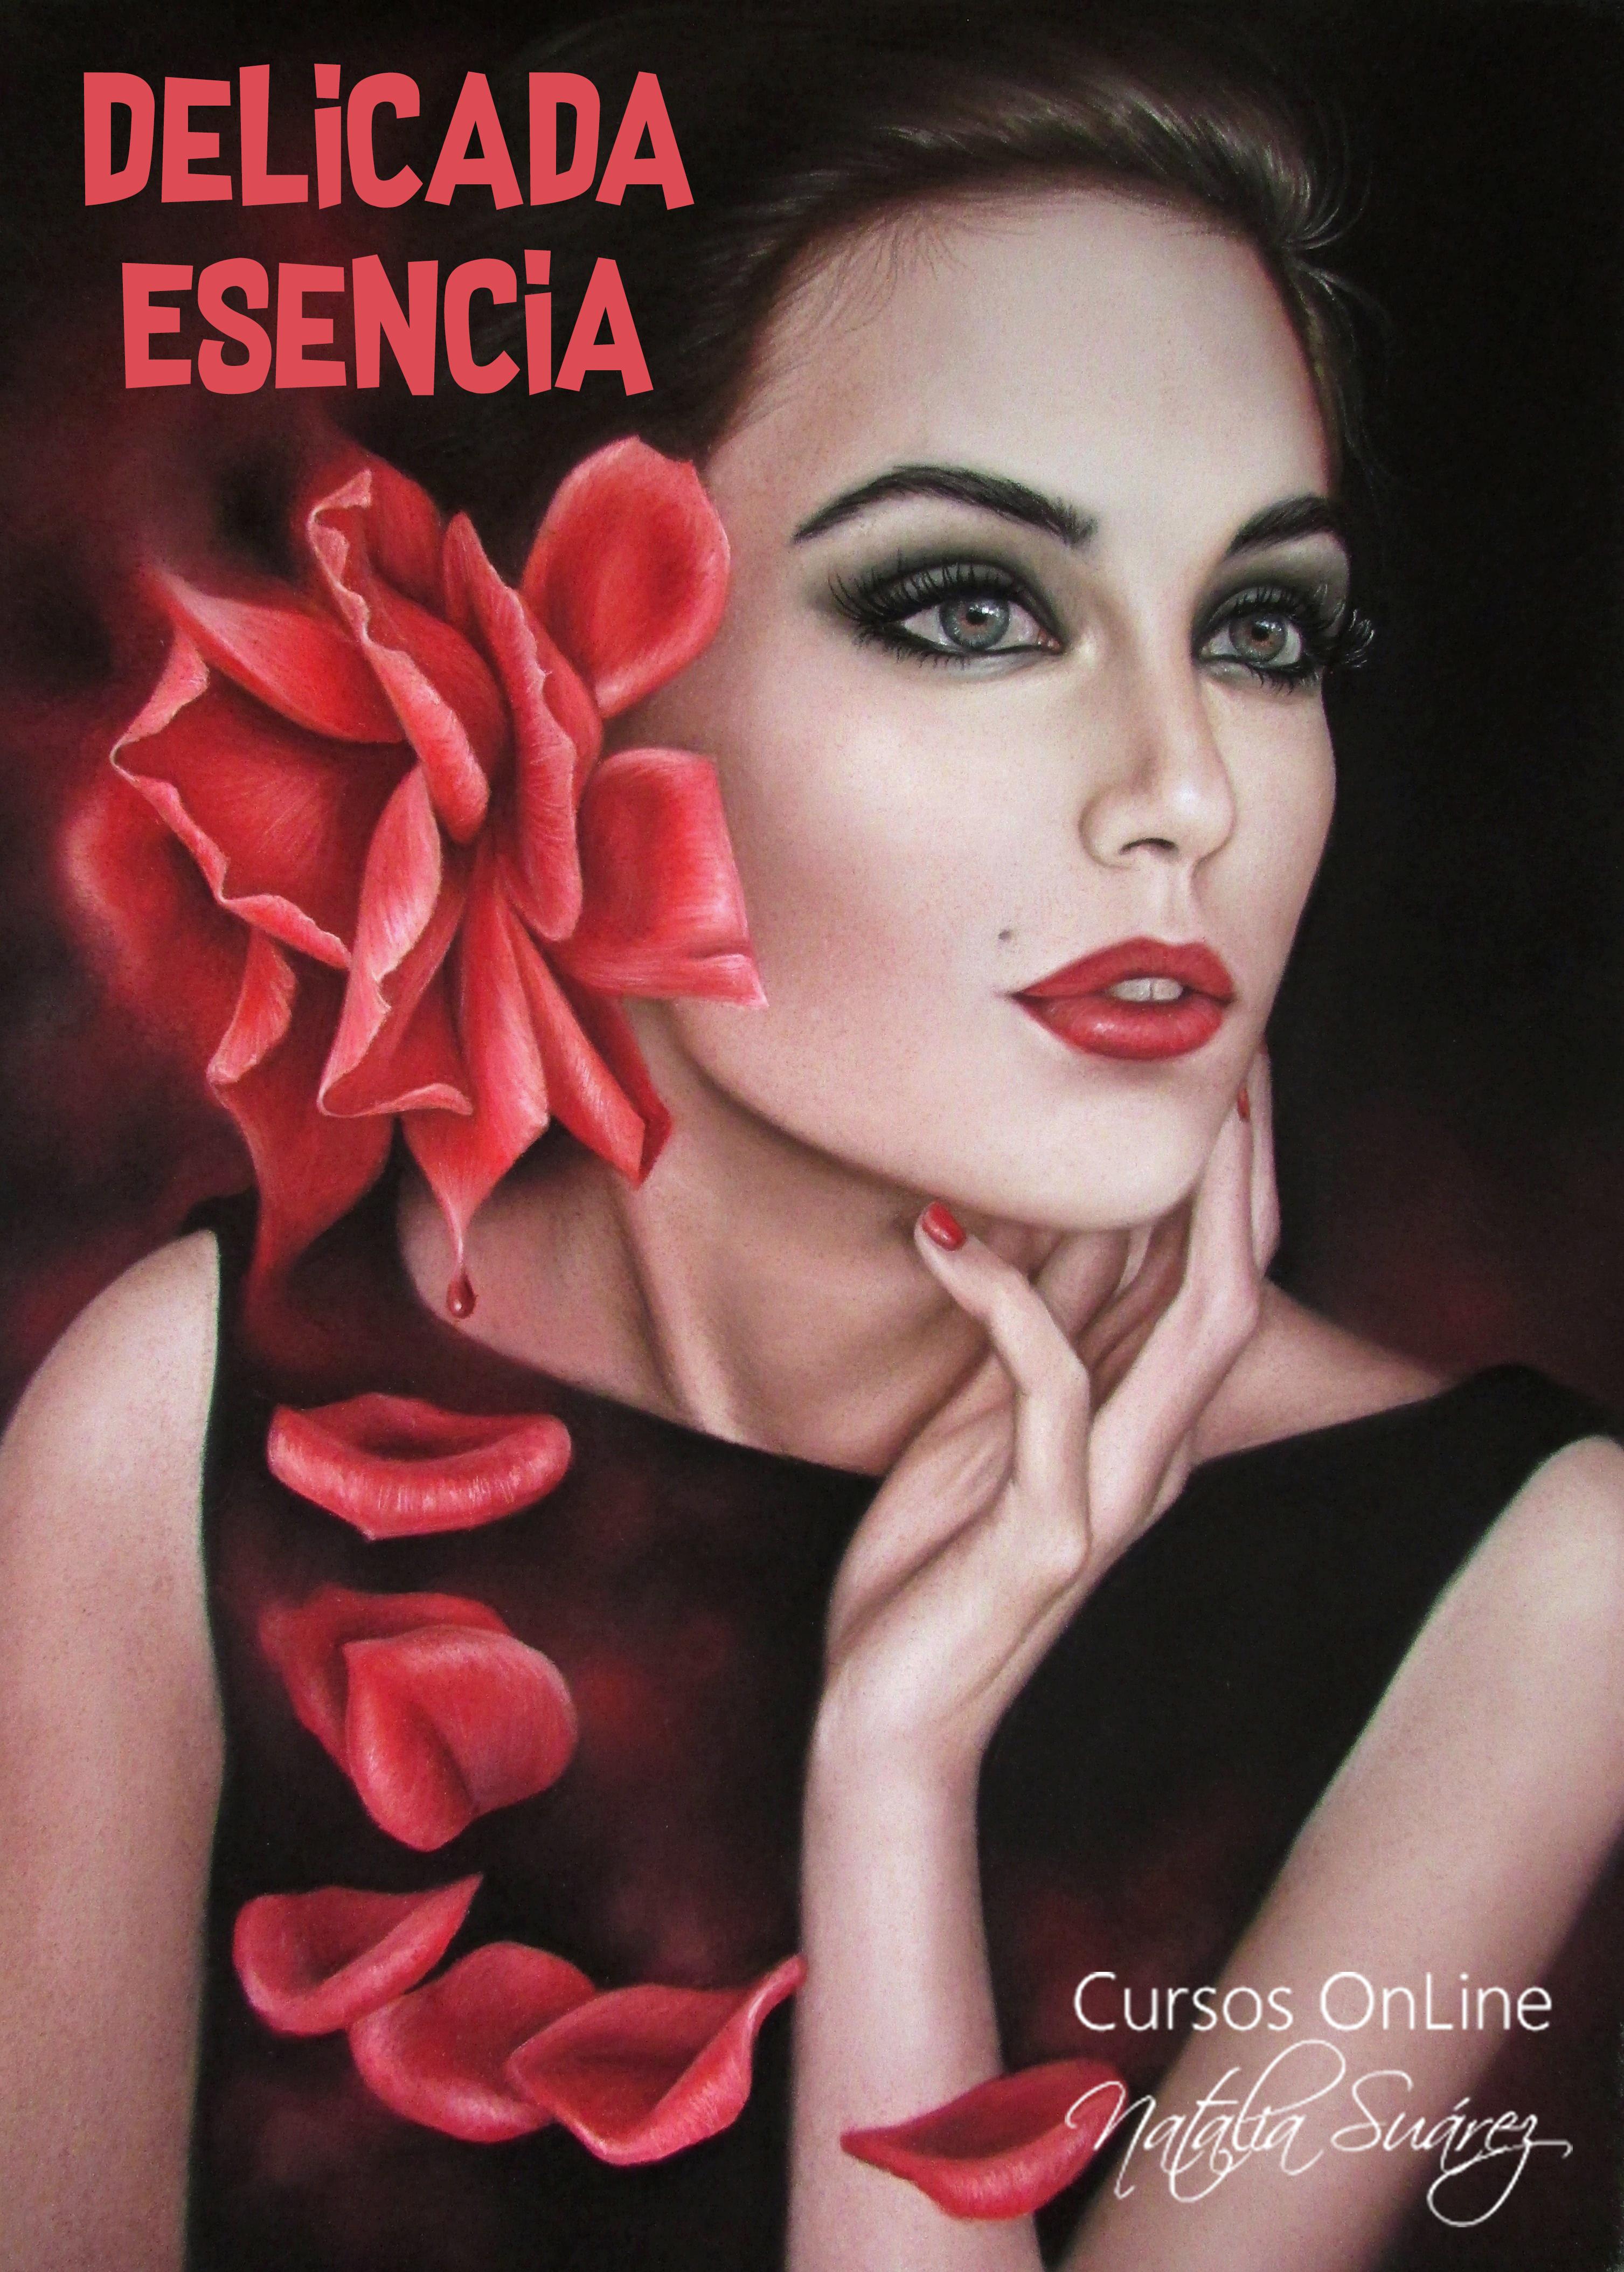 Delicada Esencia - Nivel 1 Retratos - Pastel Studio